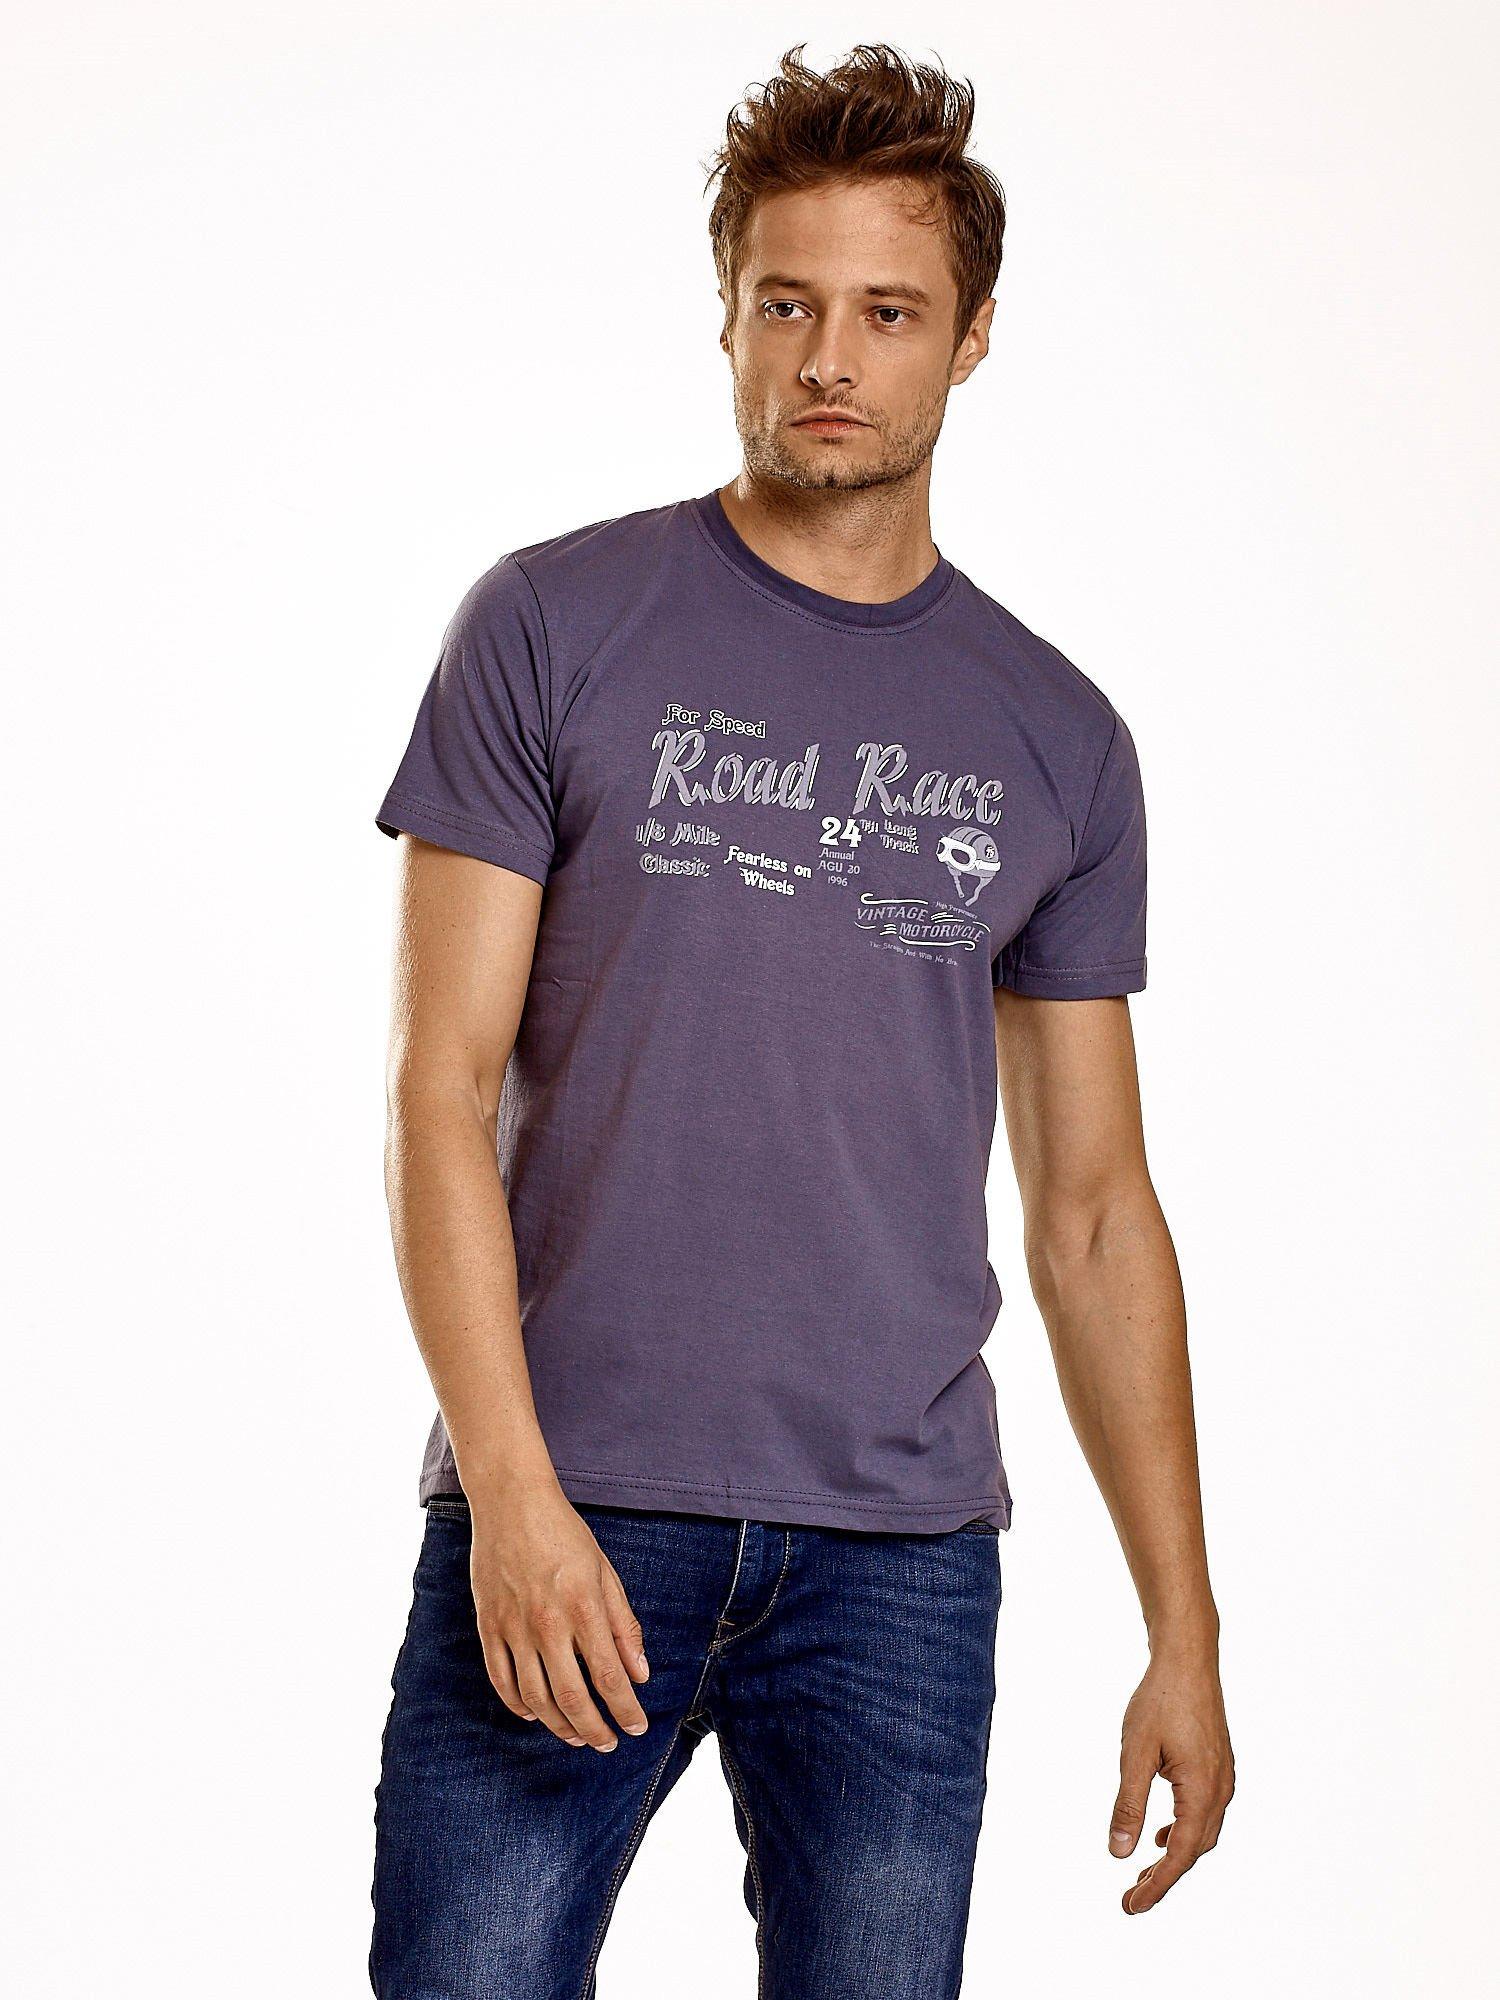 Ciemnoszary t-shirt męski z wyścigowym napisem ROAD RACE                                  zdj.                                  2